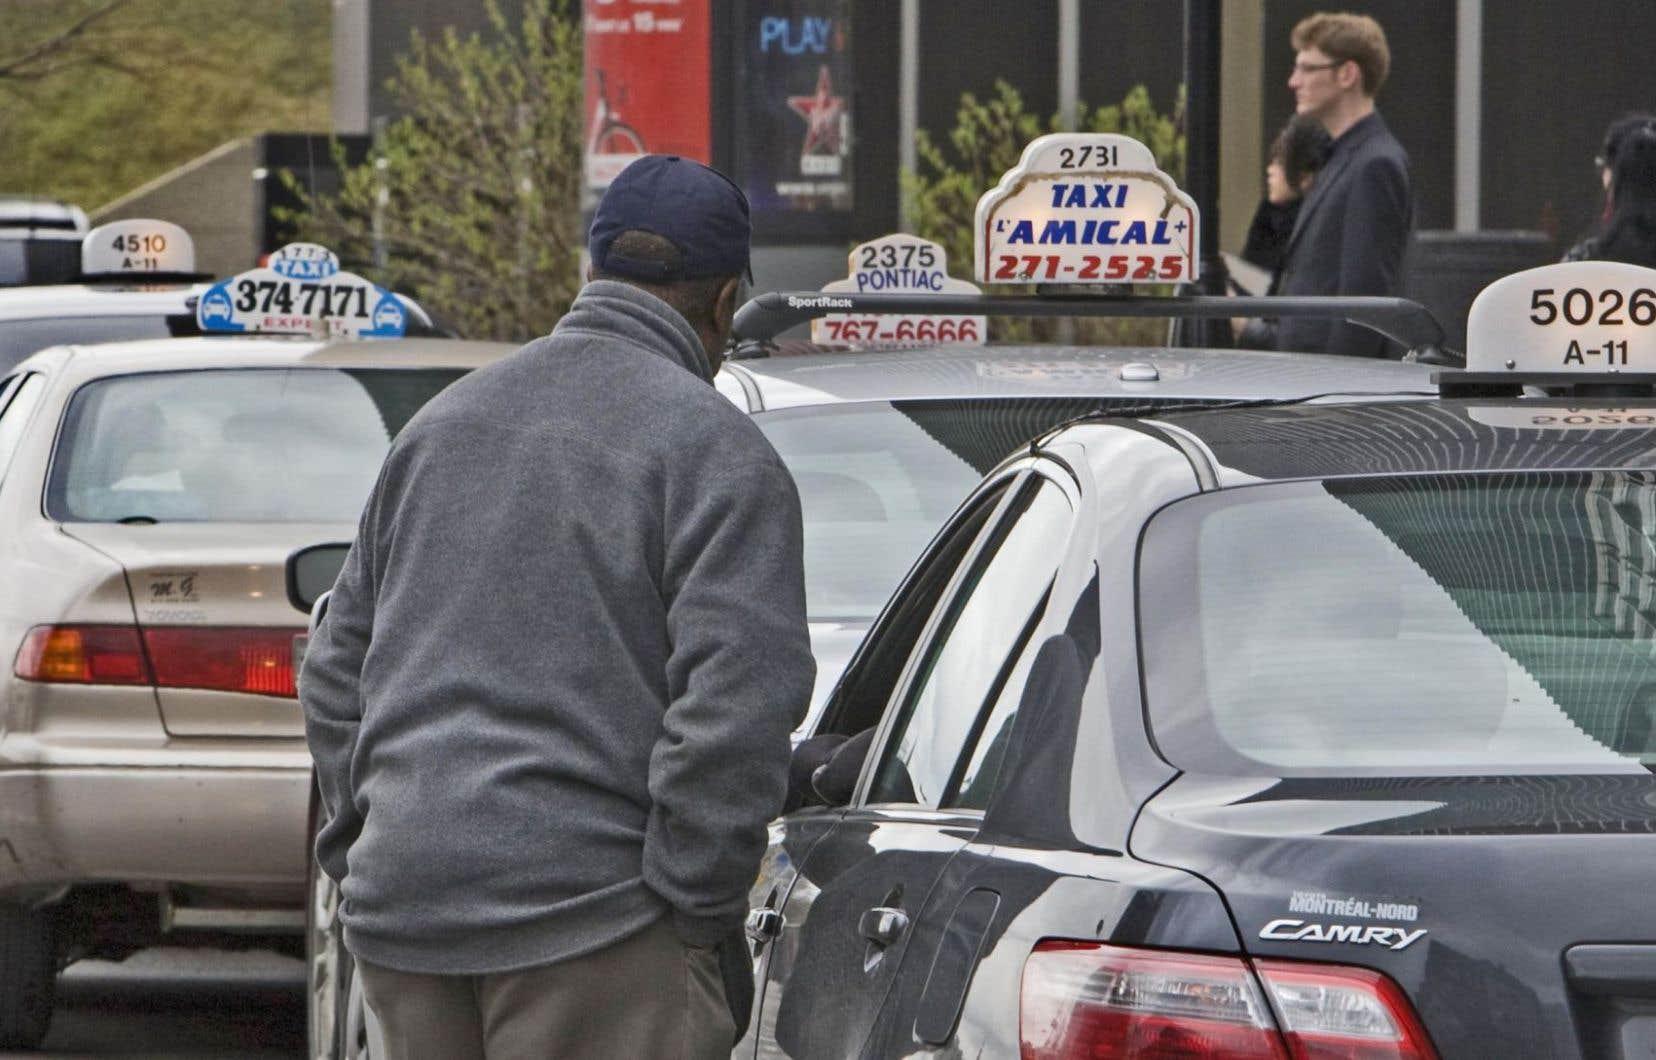 Devant la confusion engendrée par Québec, les intermédiaires, les chauffeurs et les propriétaires de taxis et limousines sentent qu'on leur tire le tapis sous les pieds.